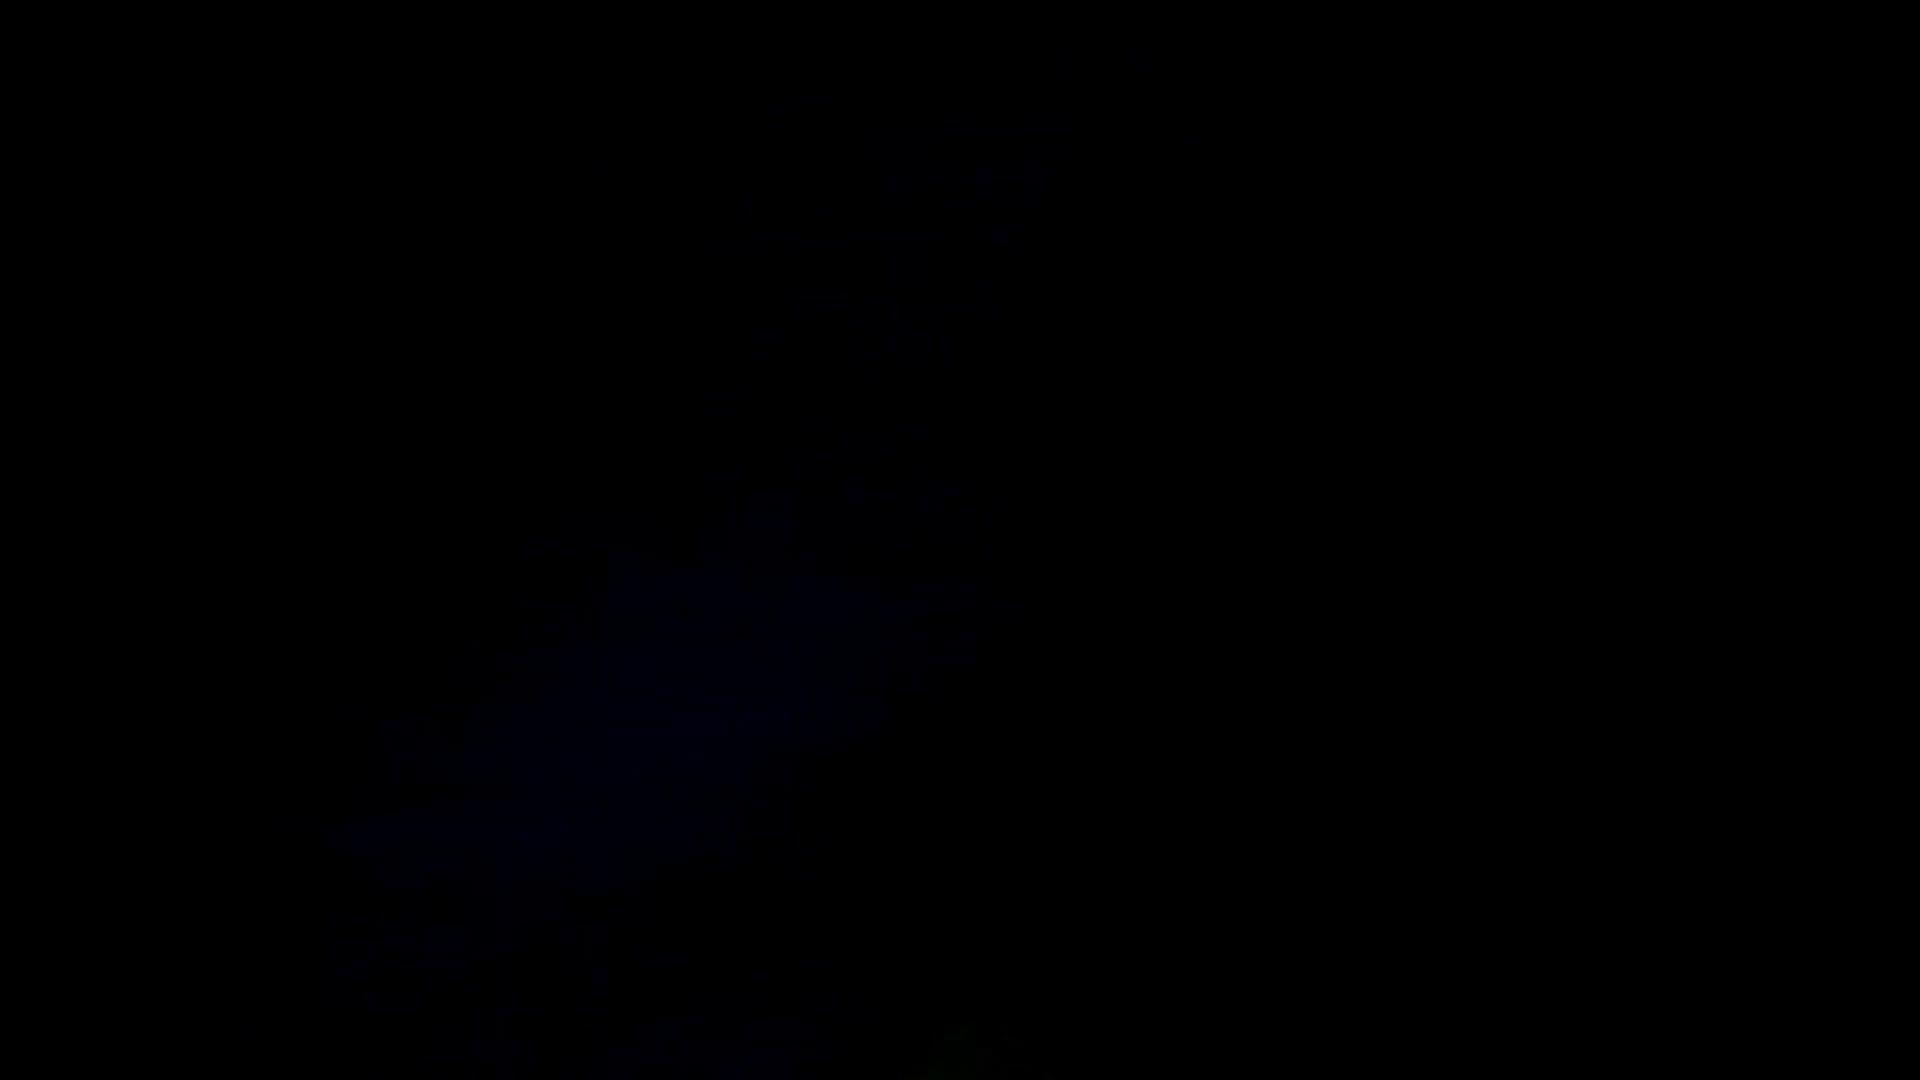 潜入!!韓国秘密のトイレ!Vol.05 潜入 アダルト動画キャプチャ 78画像 43